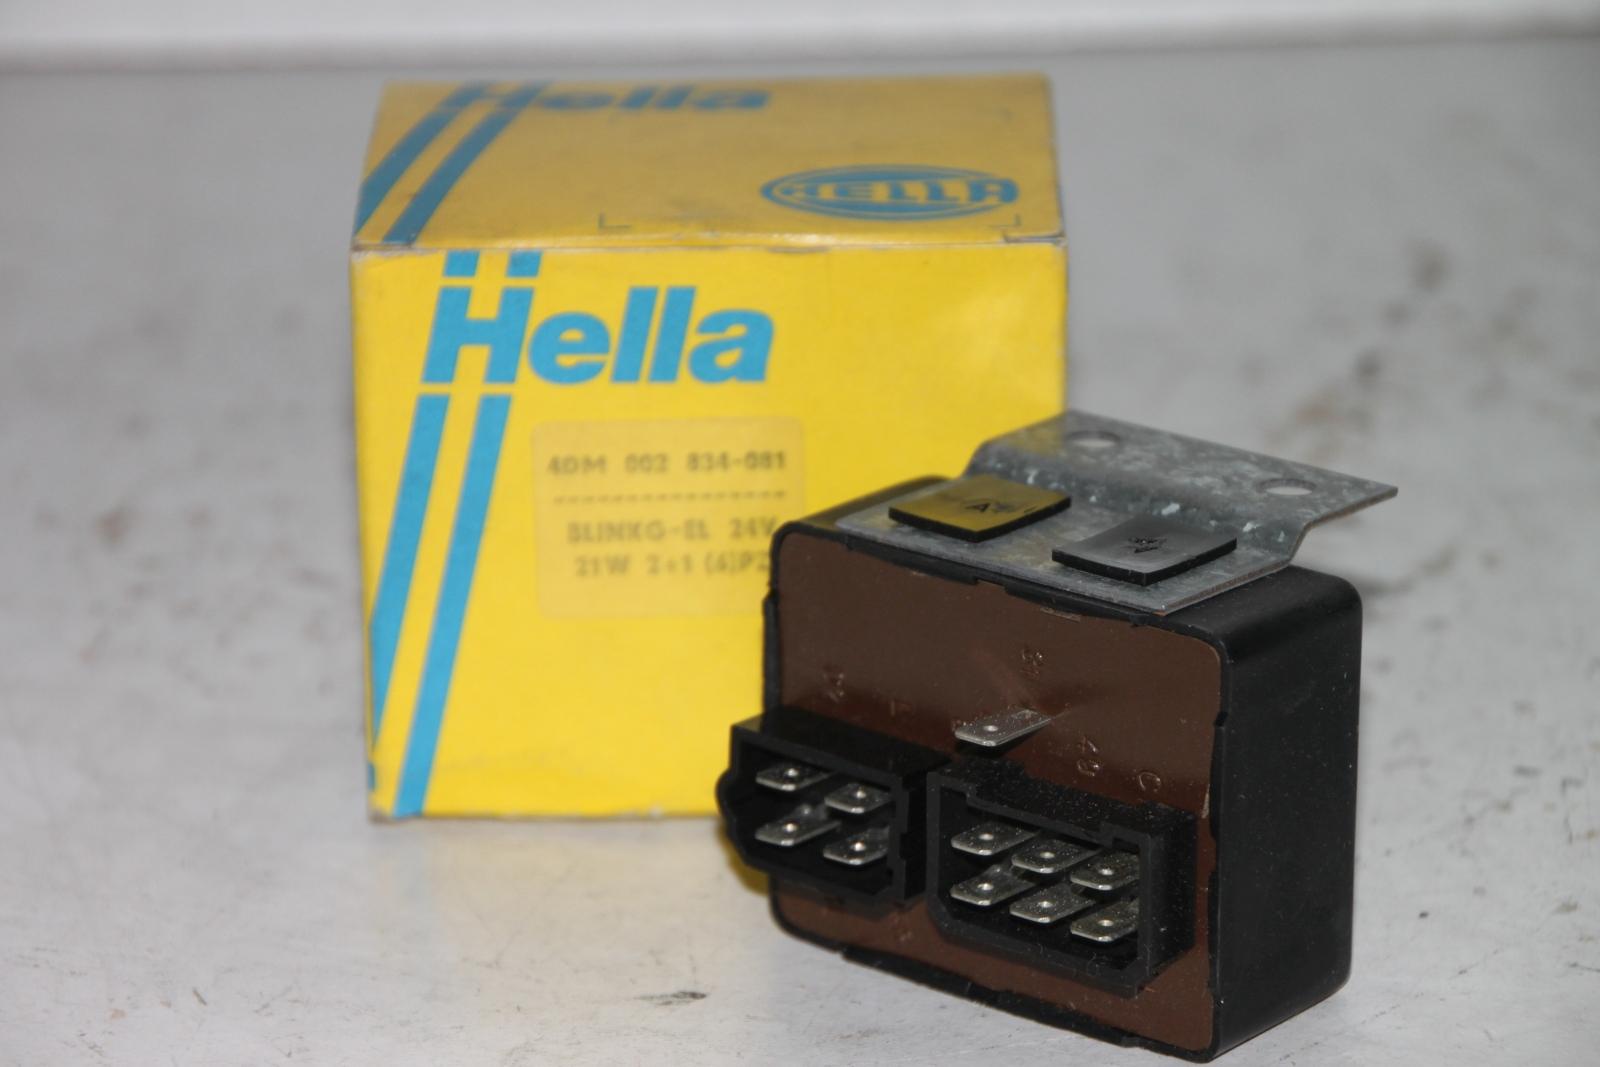 HELLA Blinkgeber  4DM002834-08 21W 24V flasher avertissement clignotant